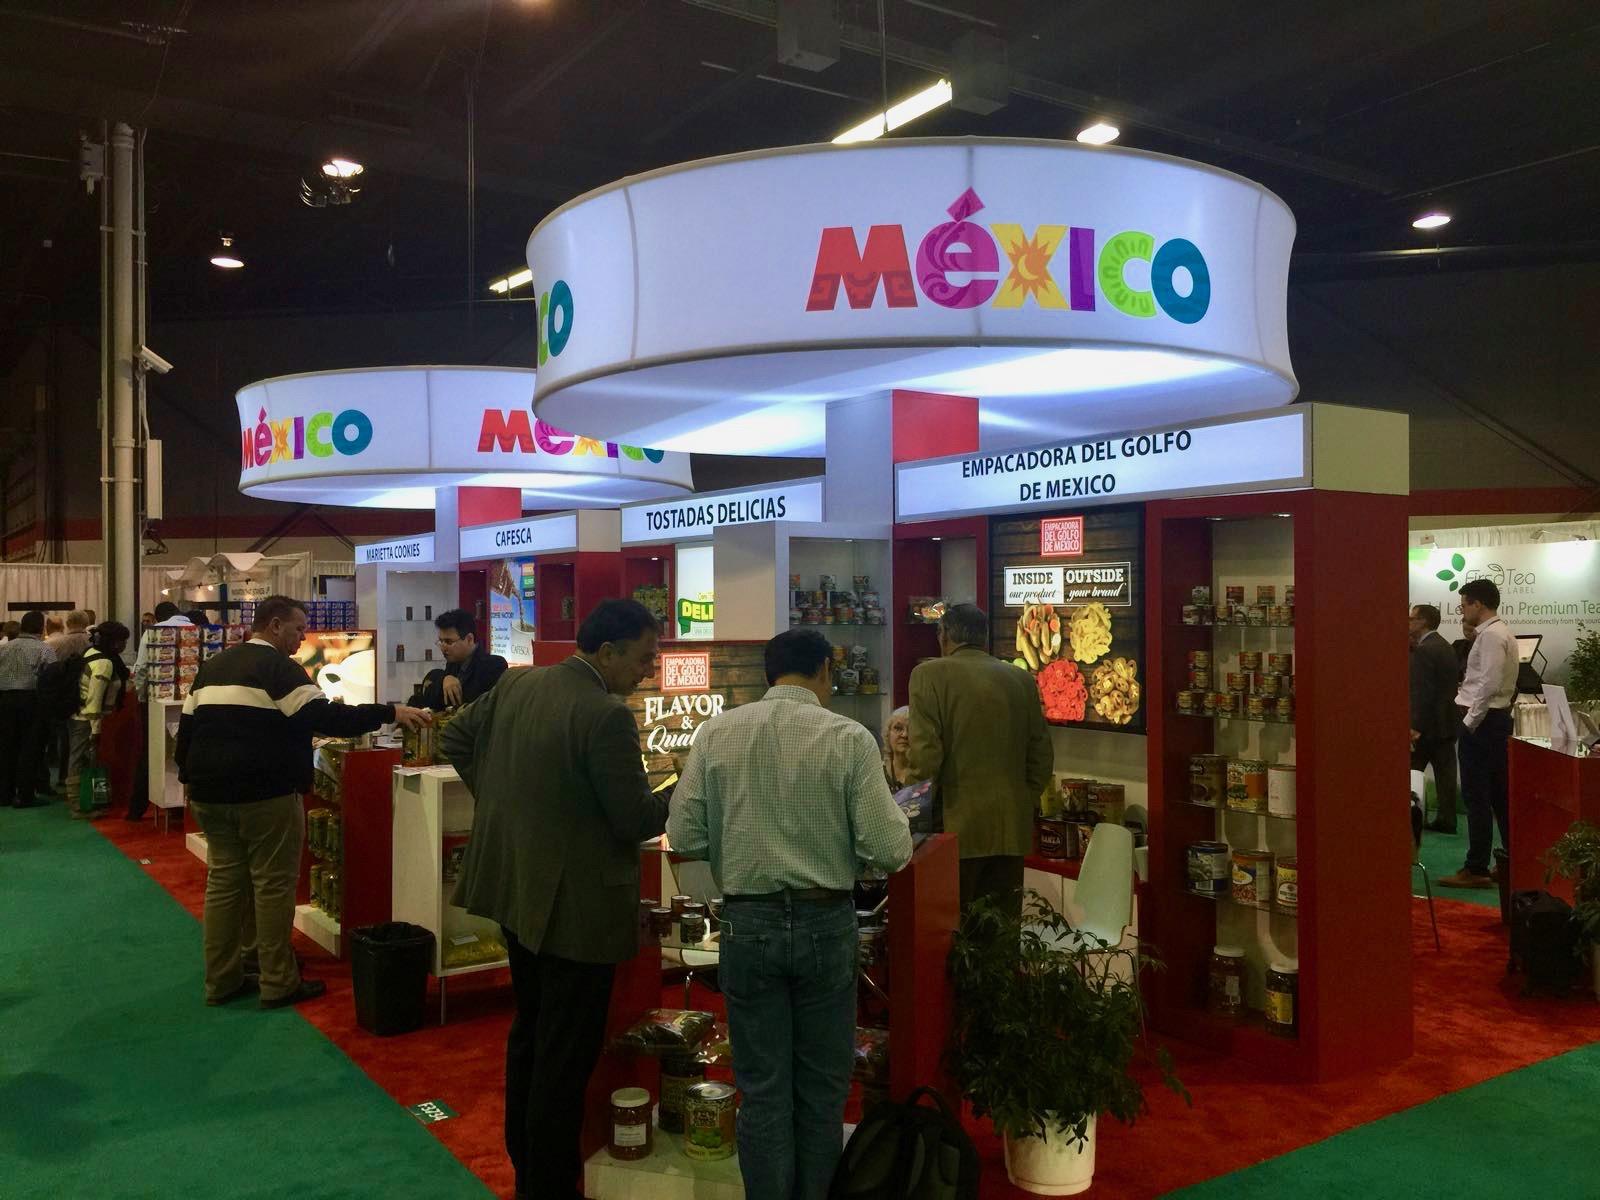 Empresas mexicanas buscan fabricar marcas propias de compañías estadounidenses